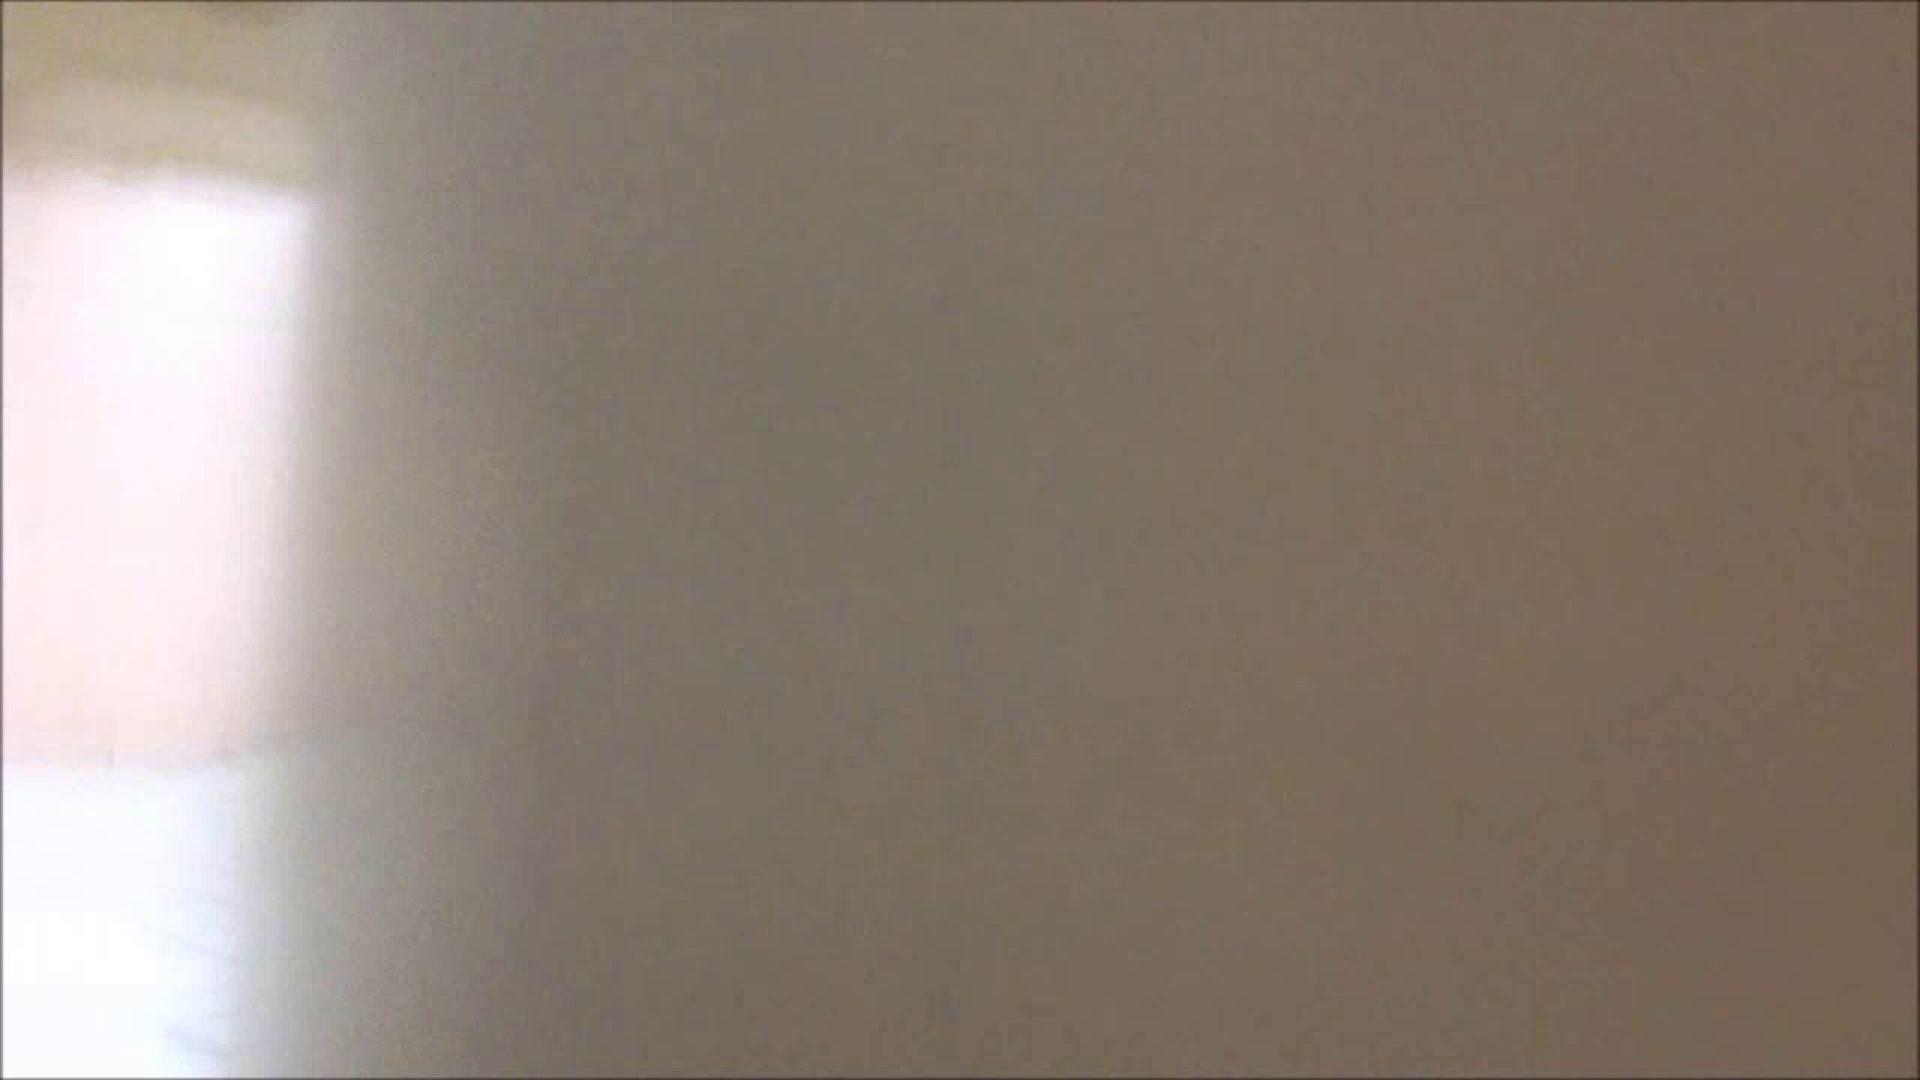 某有名大学女性洗面所 vol.10 和式で・・・ ヌード画像 113画像 6